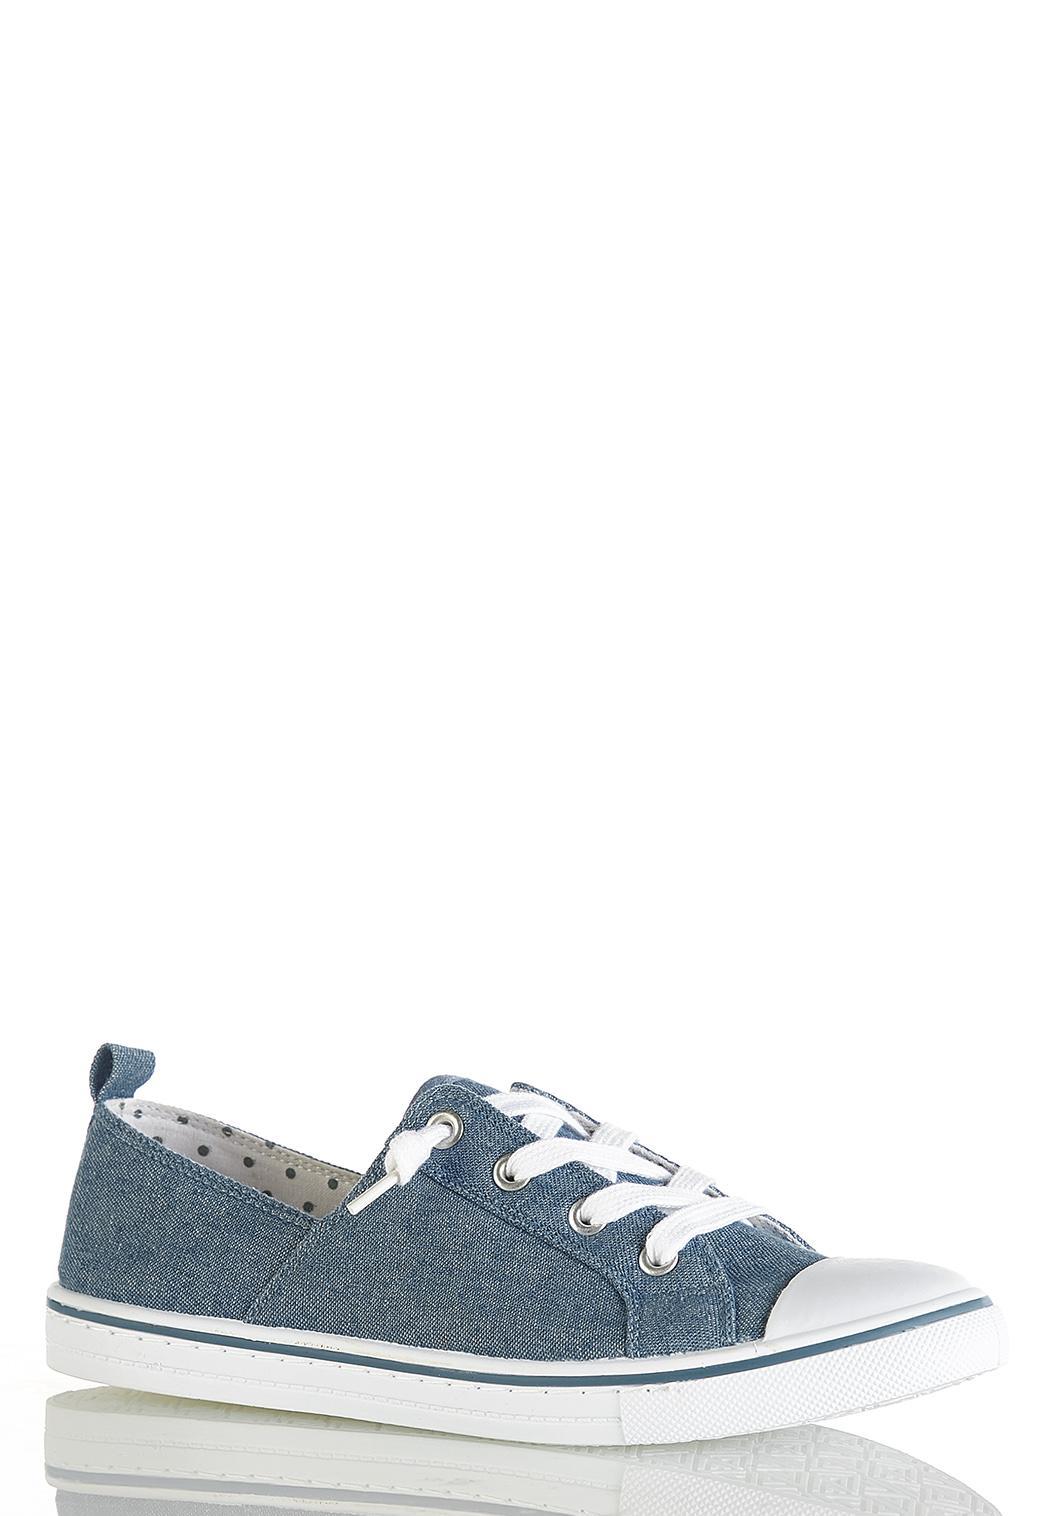 Denim Toe Cap Sneakers